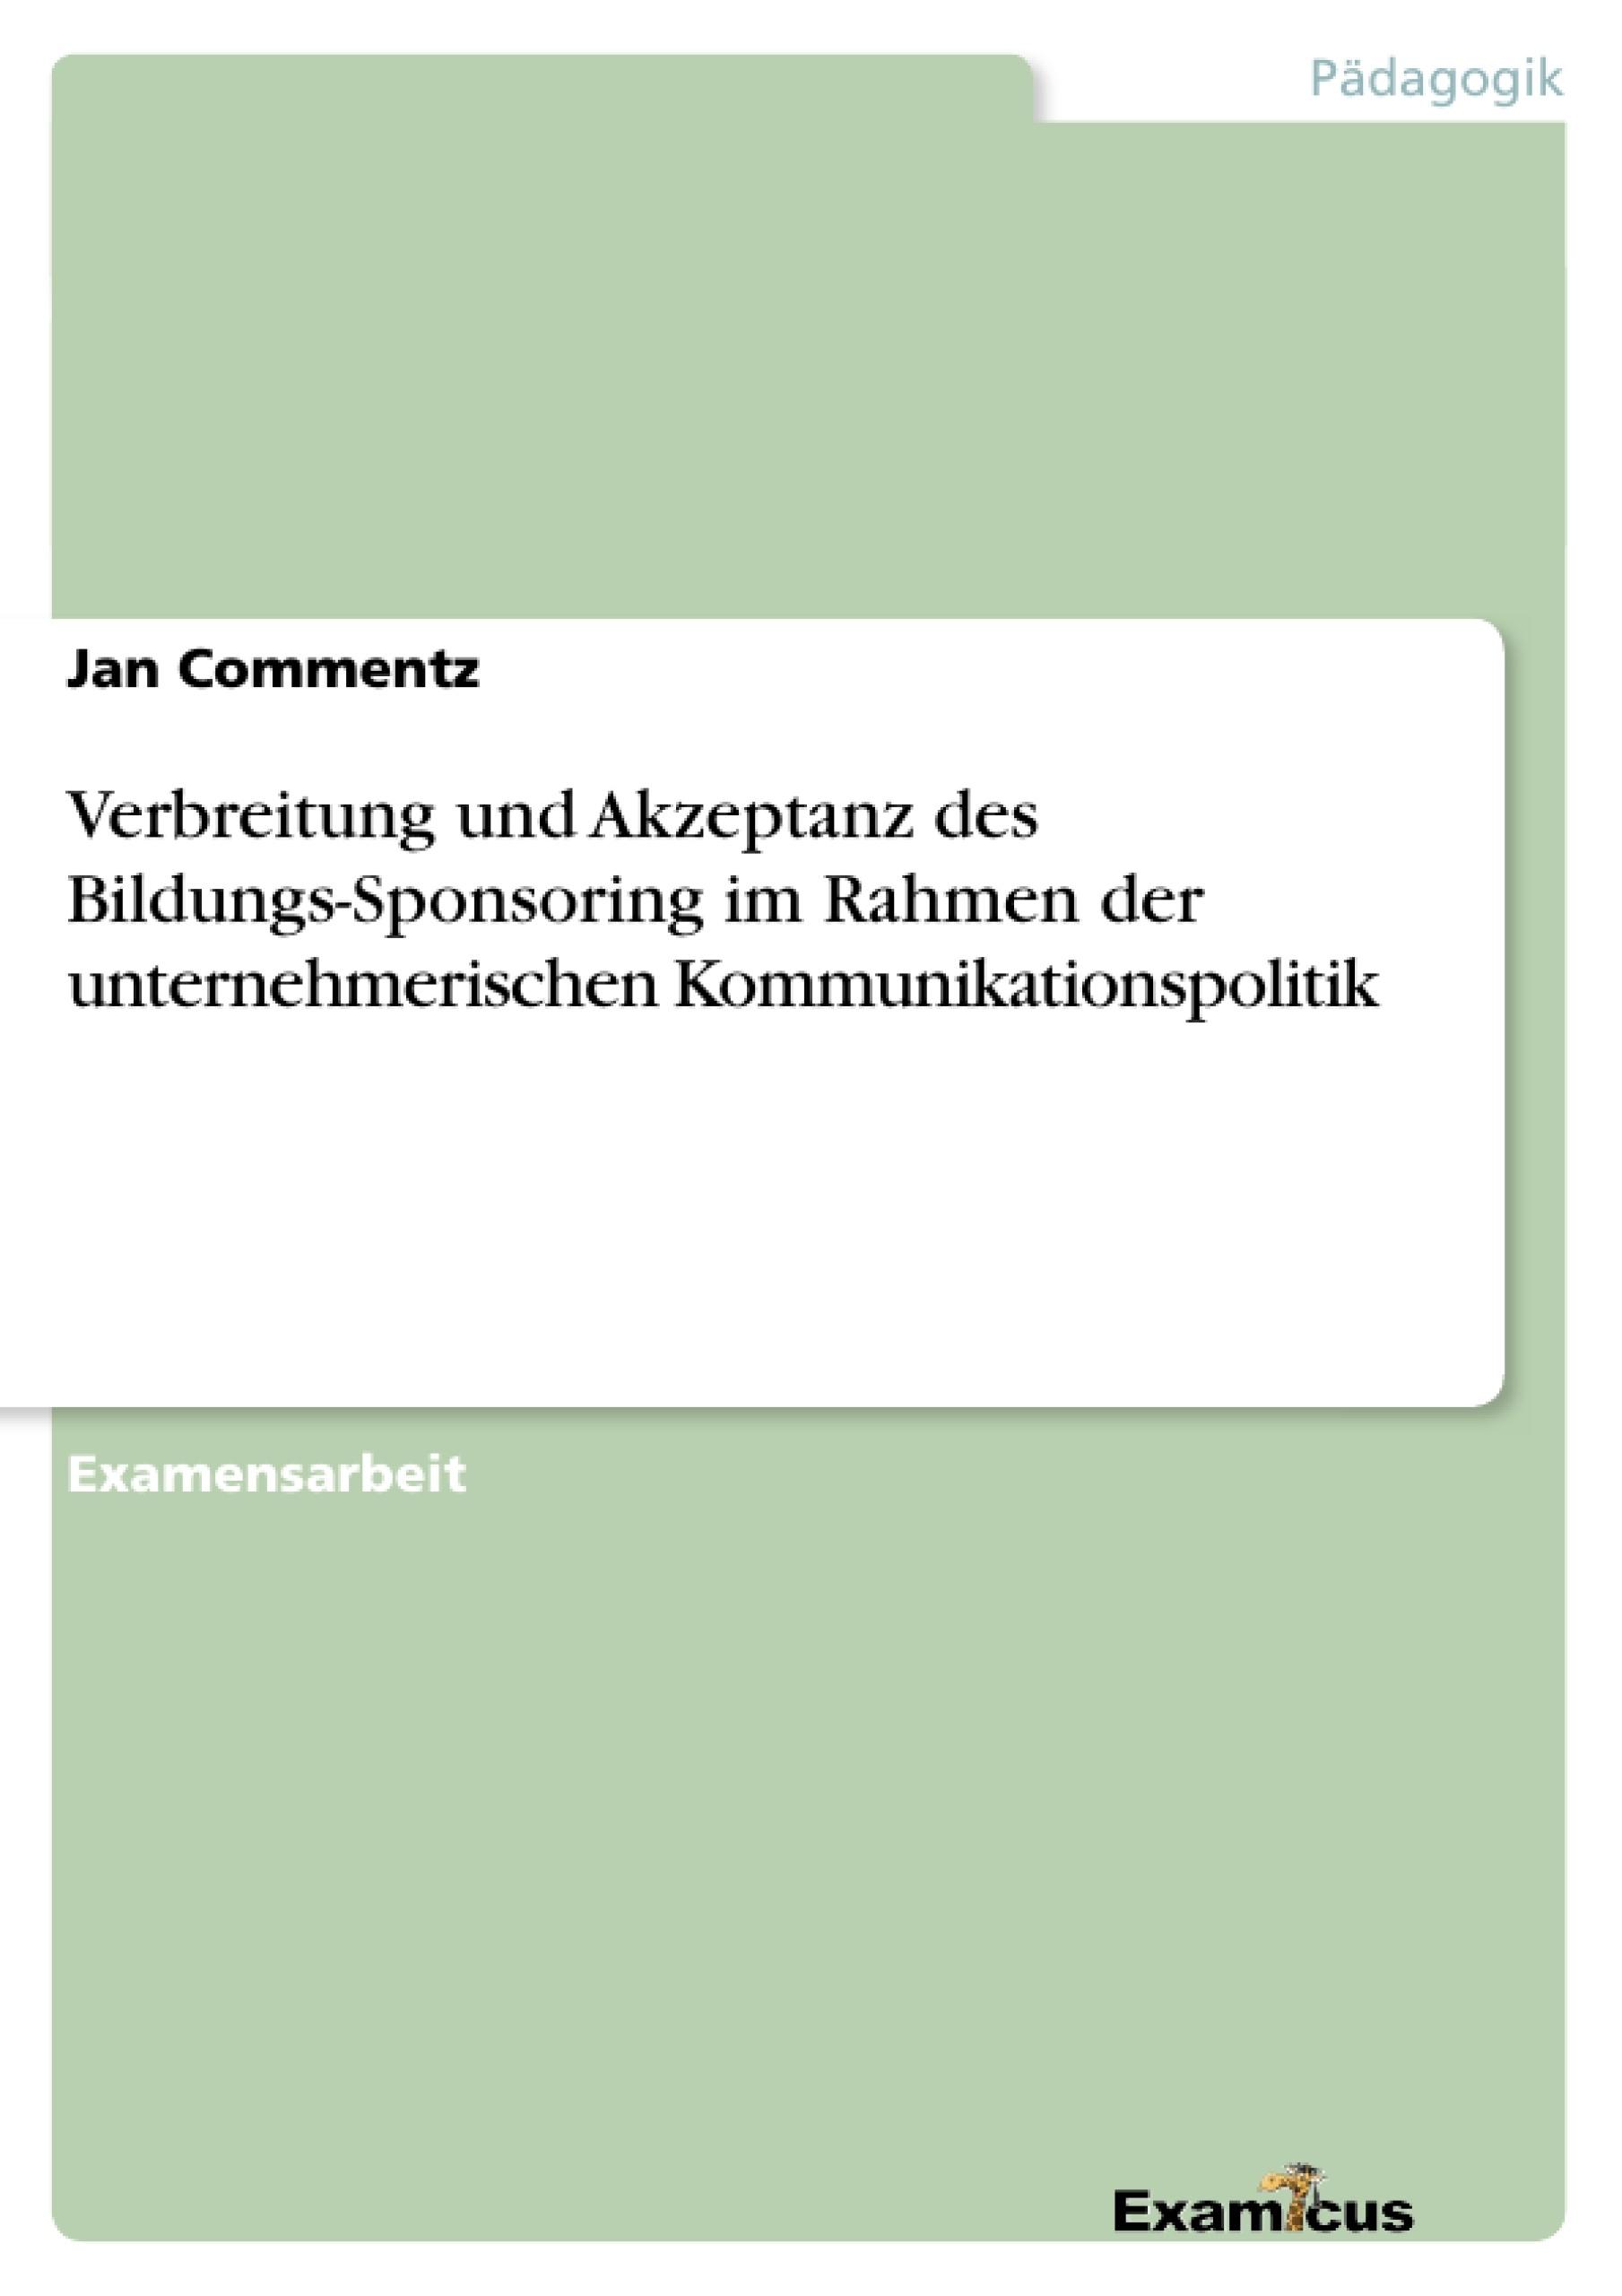 Titel: Verbreitung und Akzeptanz des Bildungs-Sponsoring im Rahmen der unternehmerischen Kommunikationspolitik